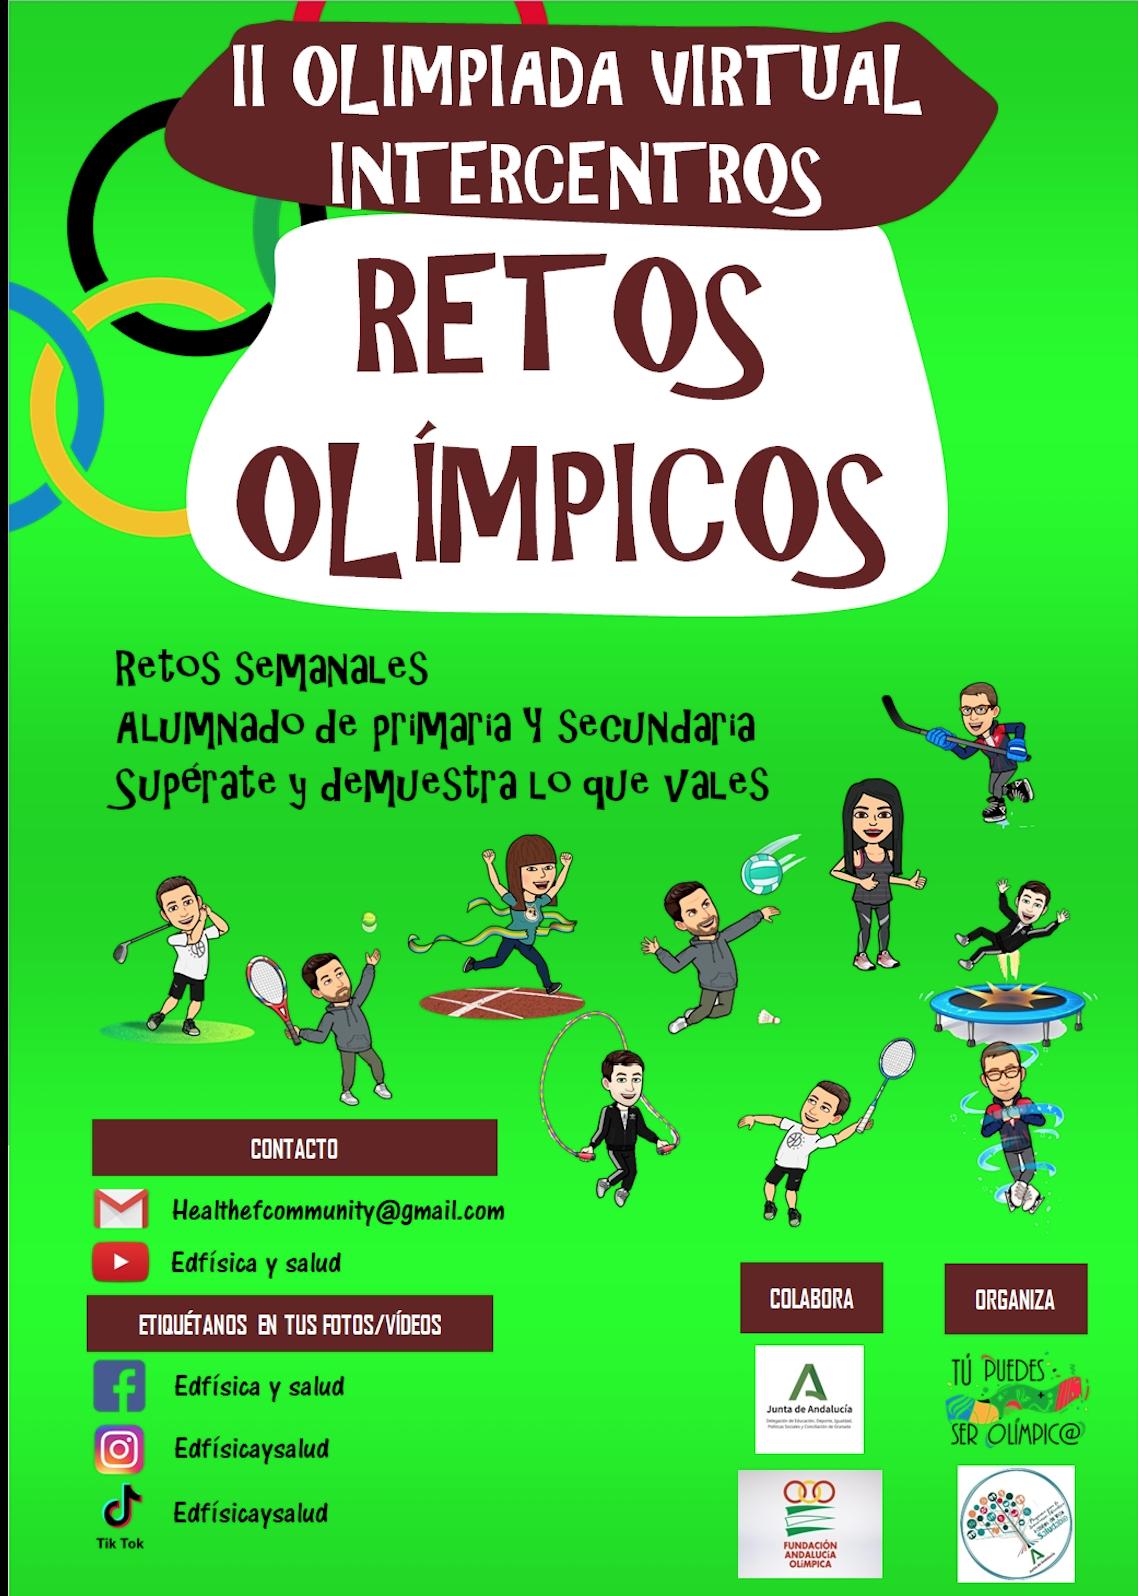 La Delegación de Educación y Deporte impulsa la II Olimpiada Virtual Intercentros